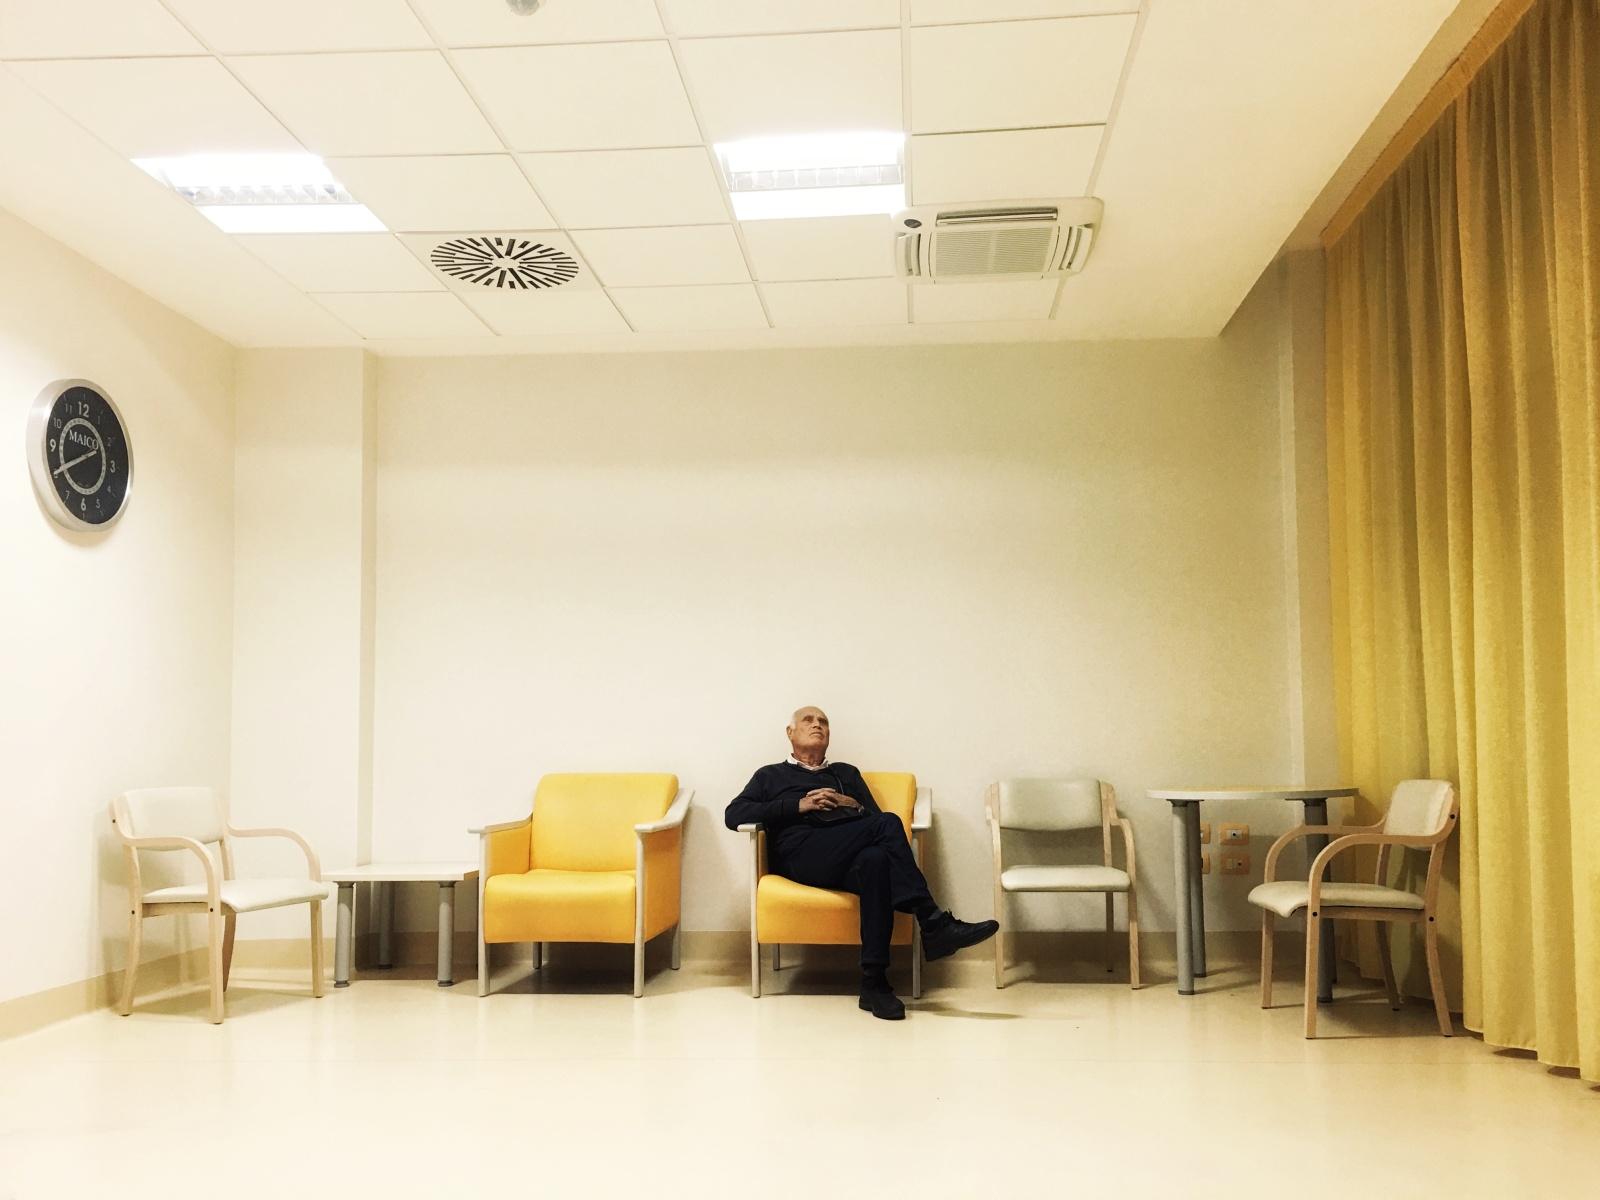 Bari, 2017. Un parente riposa su una delle poltrone della sala di attesa del reparto, durante una notte di assistenza al degente.